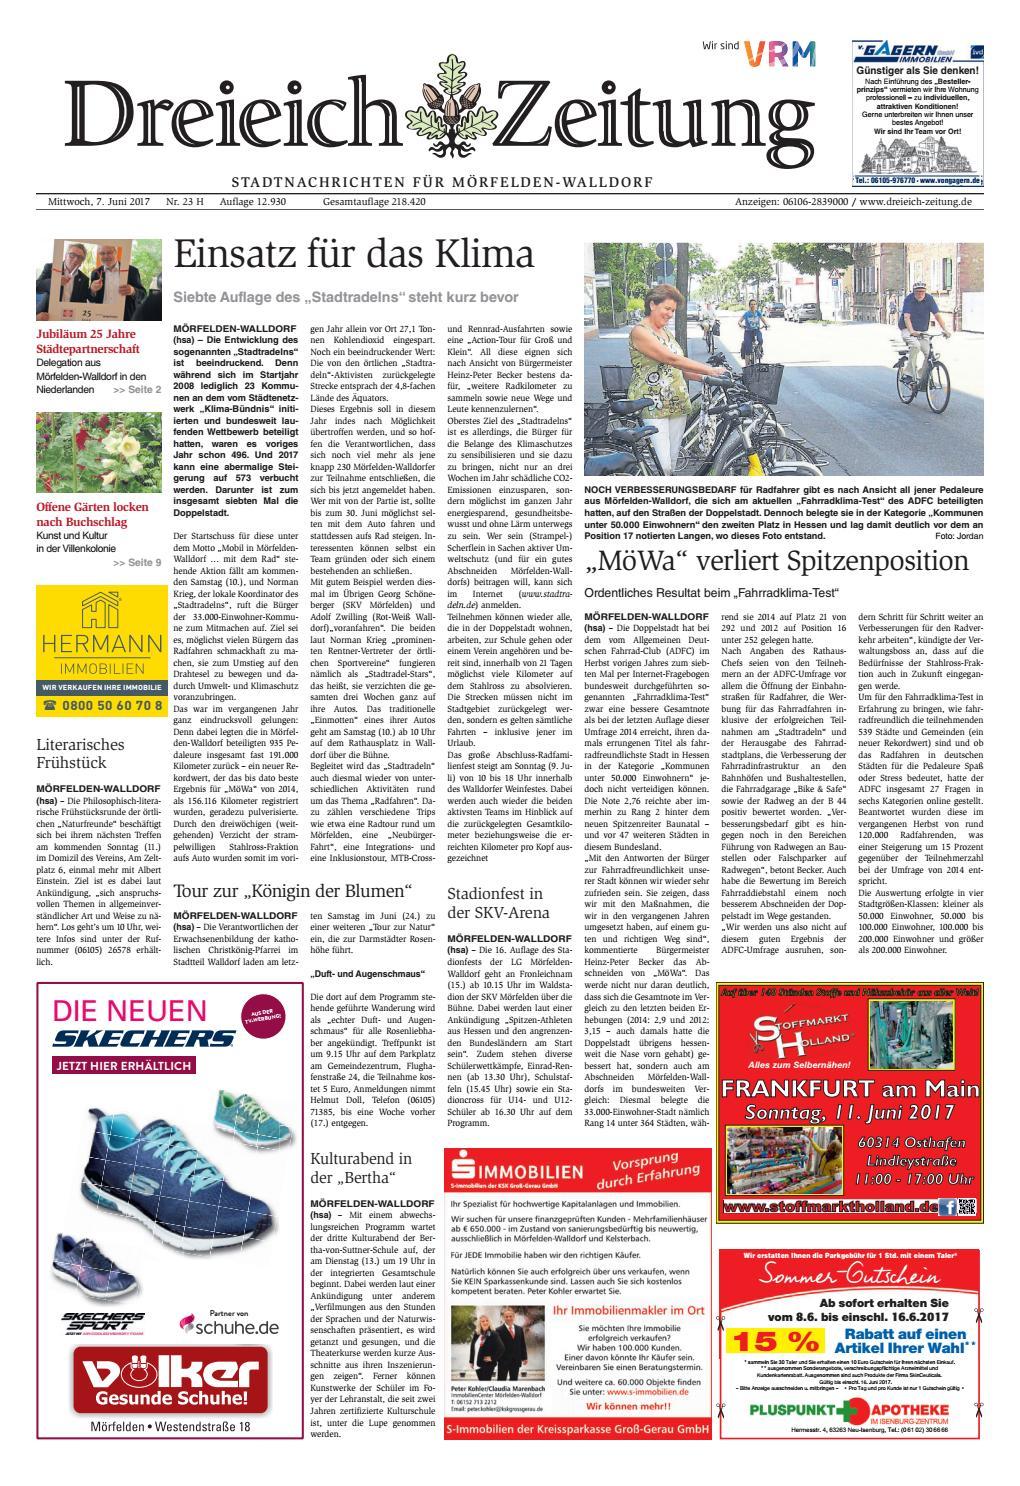 Dz h 023 by Dreieich-Zeitung/Offenbach-Journal - issuu